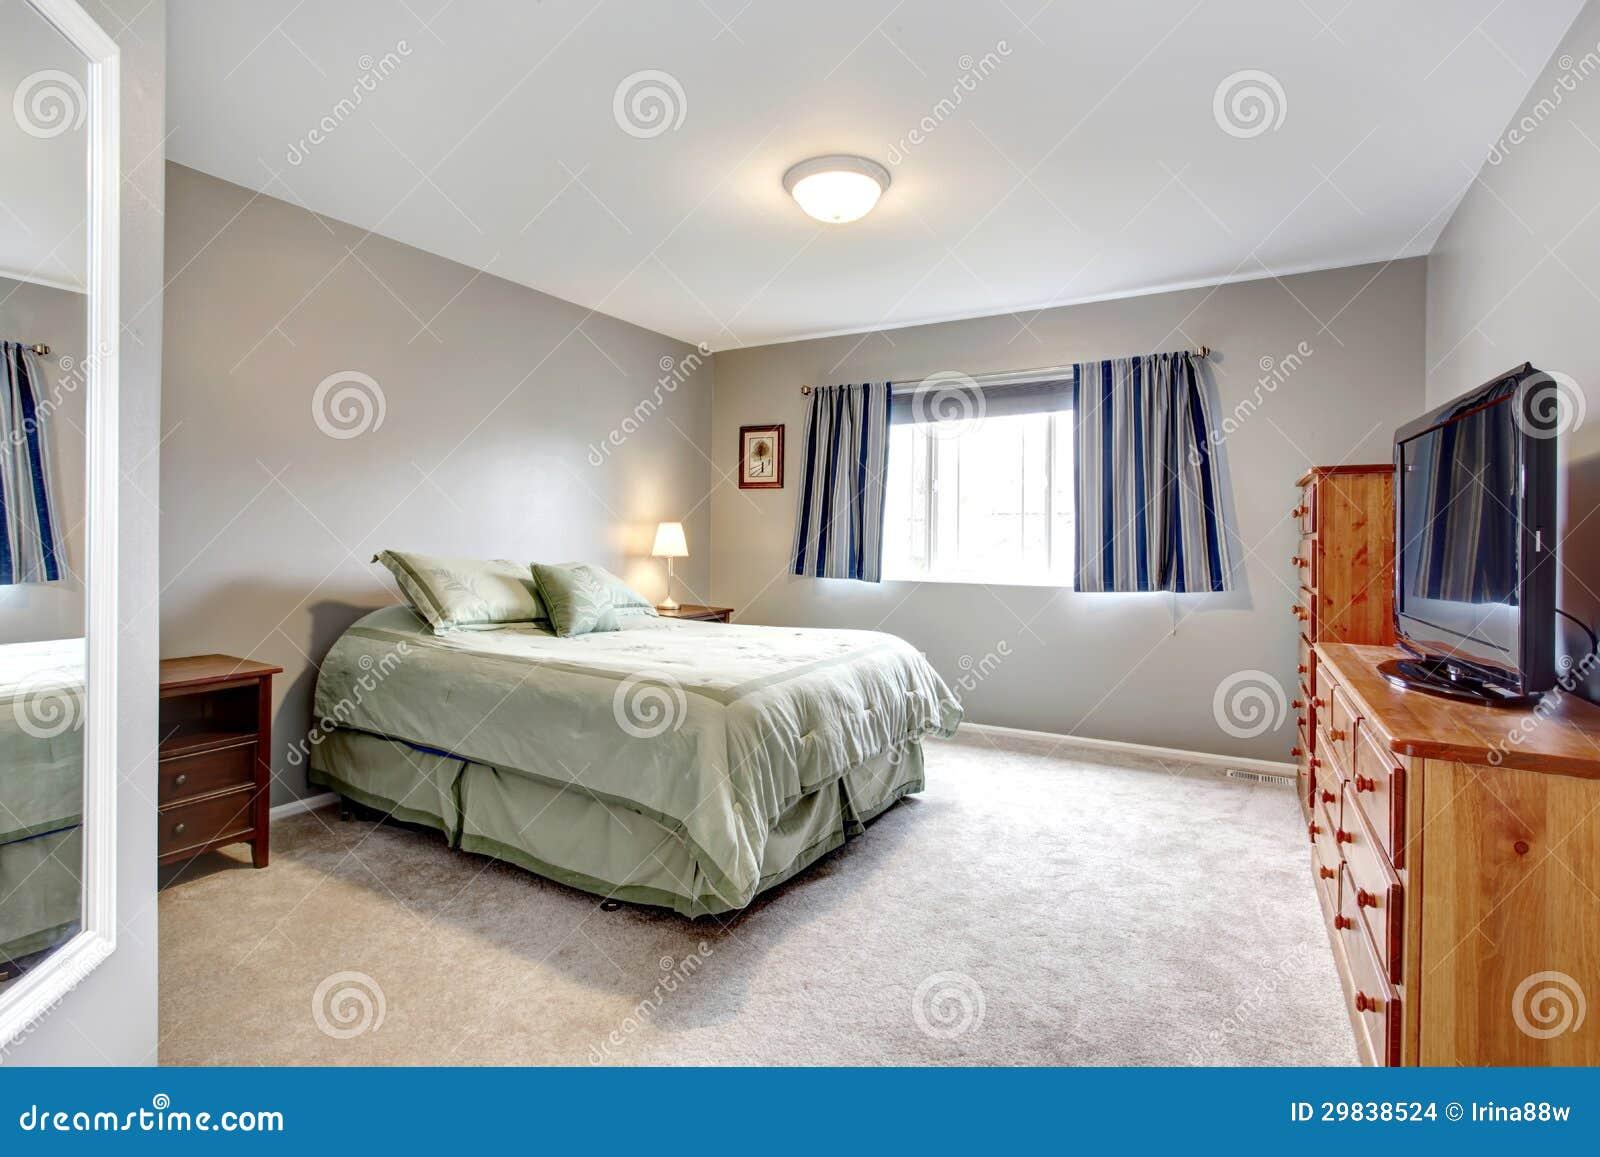 Grote grijze slaapkamer met opmaker tv en blauwe gordijnen stock afbeeldingen afbeelding - Grijze slaapkamer ...